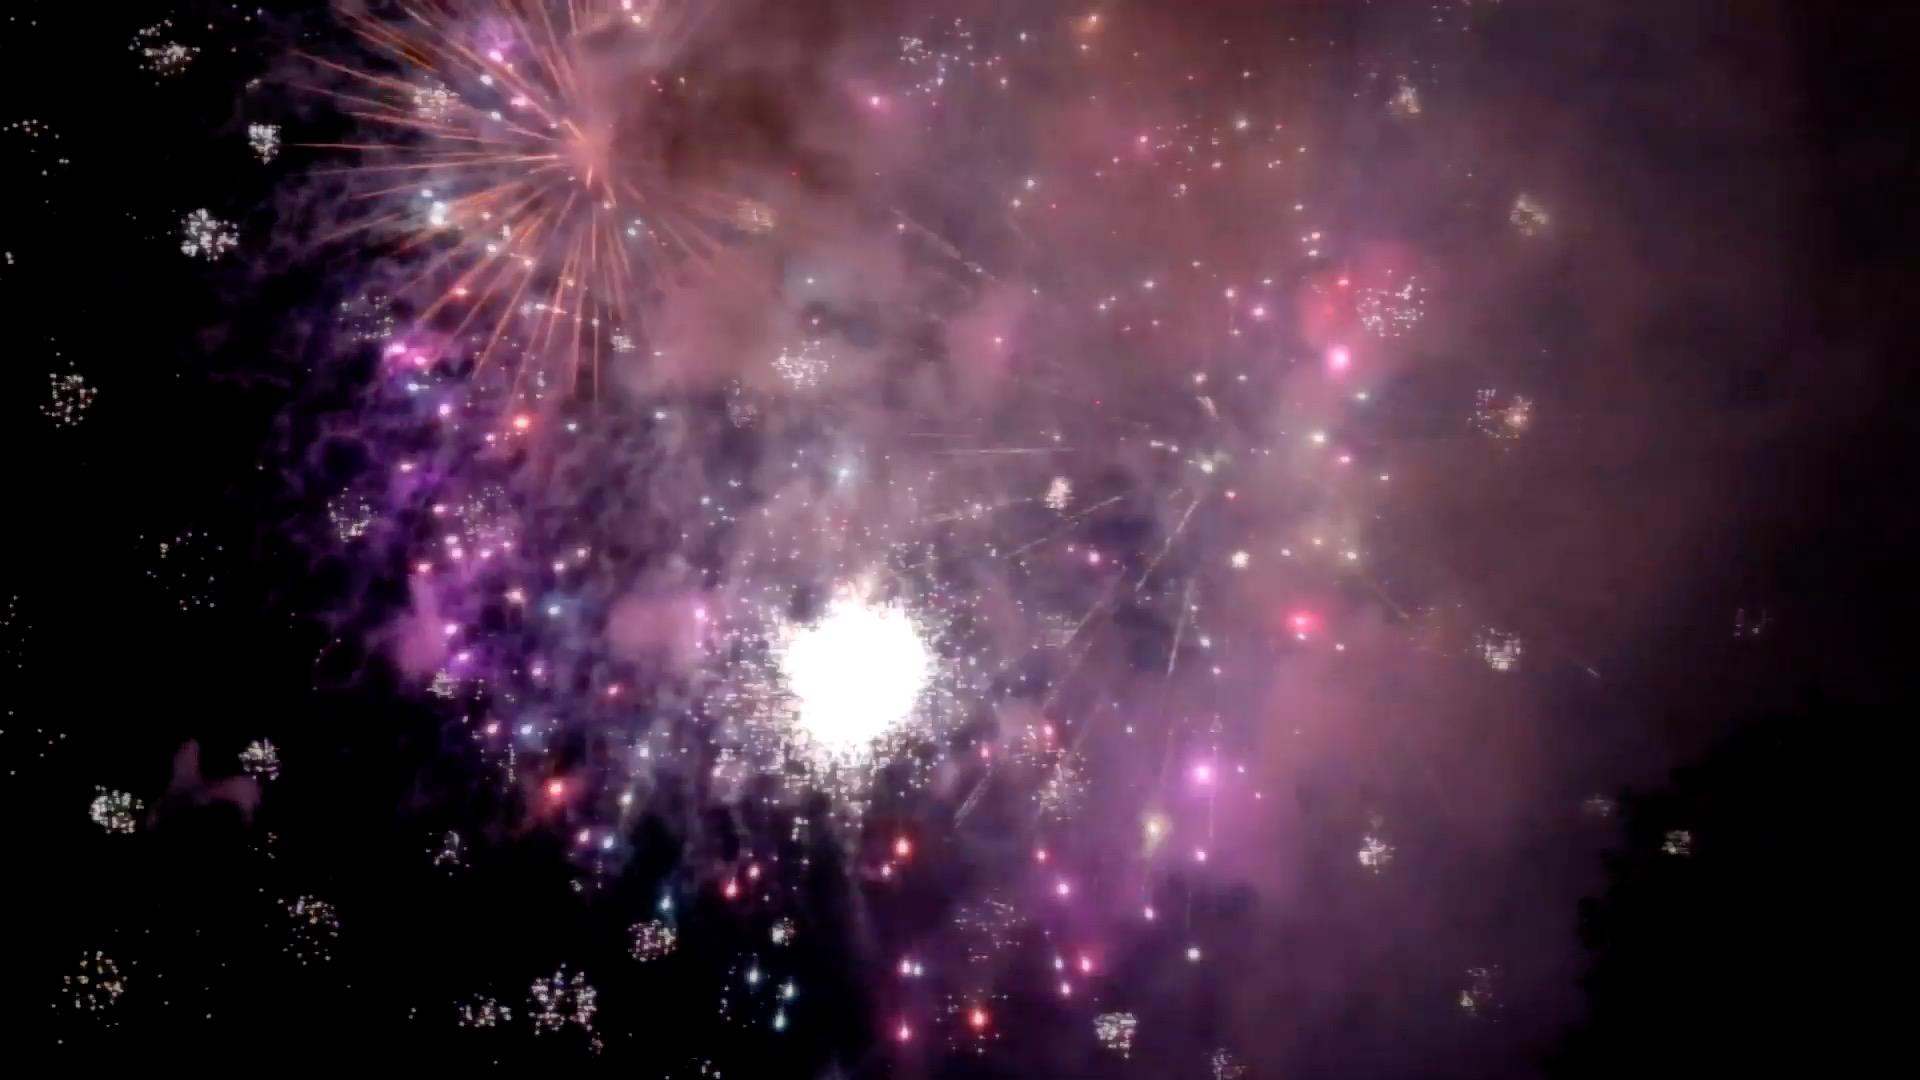 FFJ 打ち上げられる花火は約6,000発